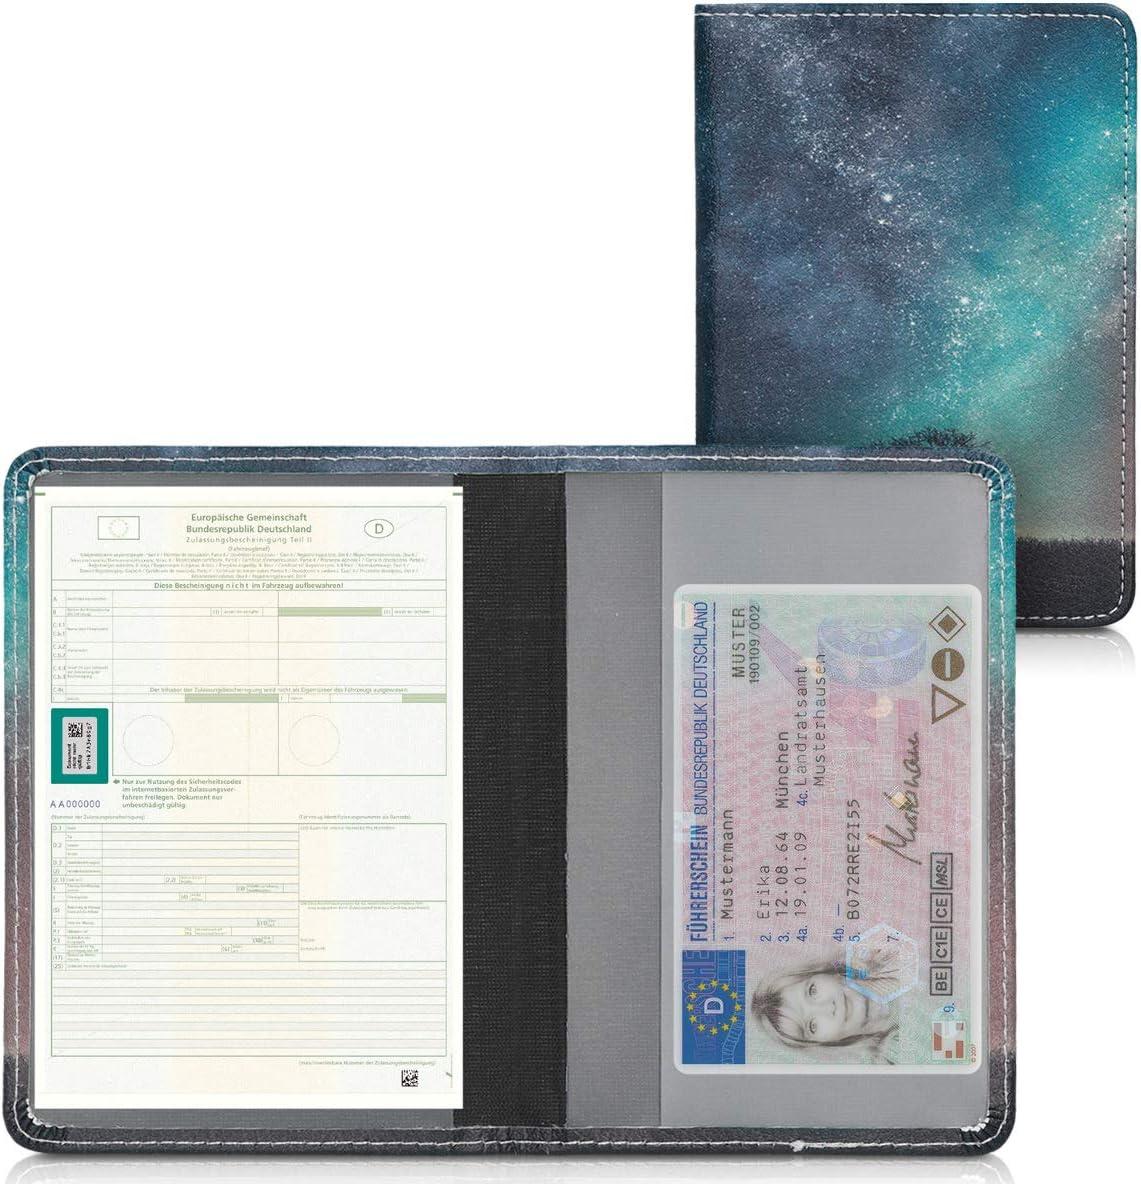 kwmobile Porte permis de Conduire Carte Grise avec Compartiments Cartes Passeport /Étui Portefeuille de Protection en Simili Cuir Taupe-Blanc-Bleu-Gris